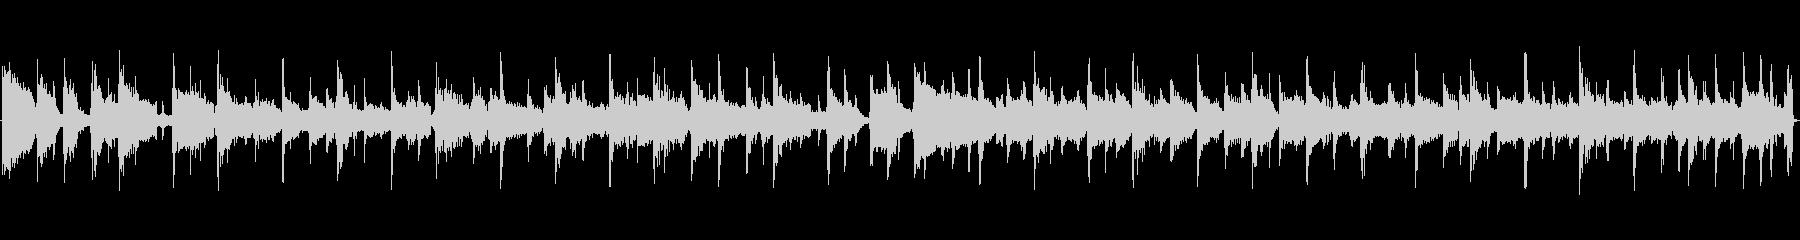 スタイリッシュなフュージョンBGMの未再生の波形